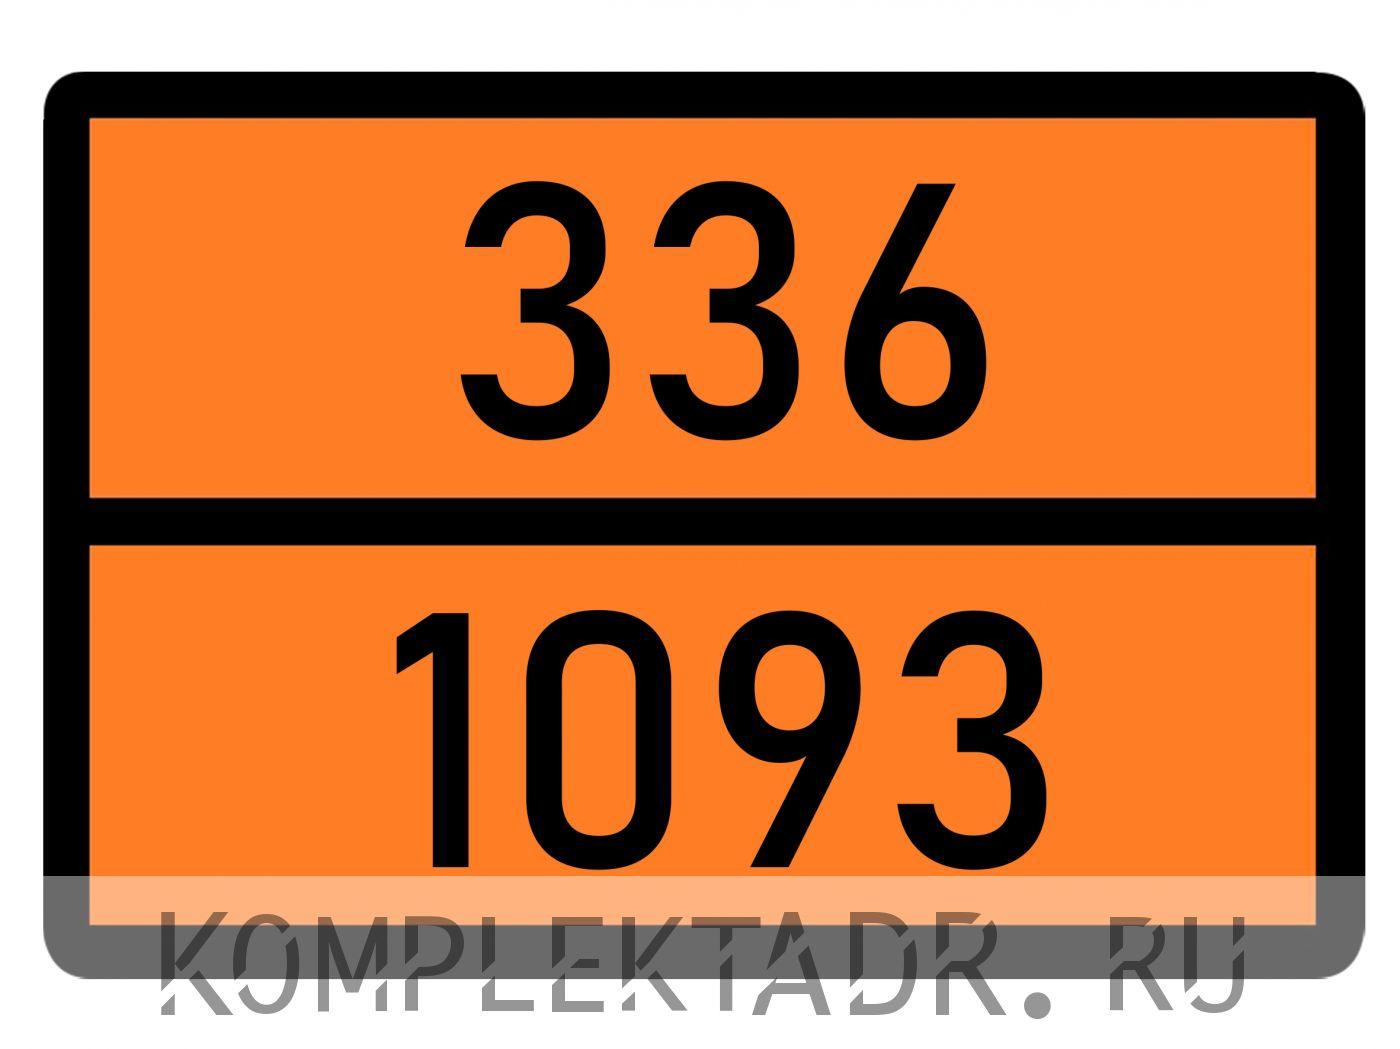 Табличка 336-1093